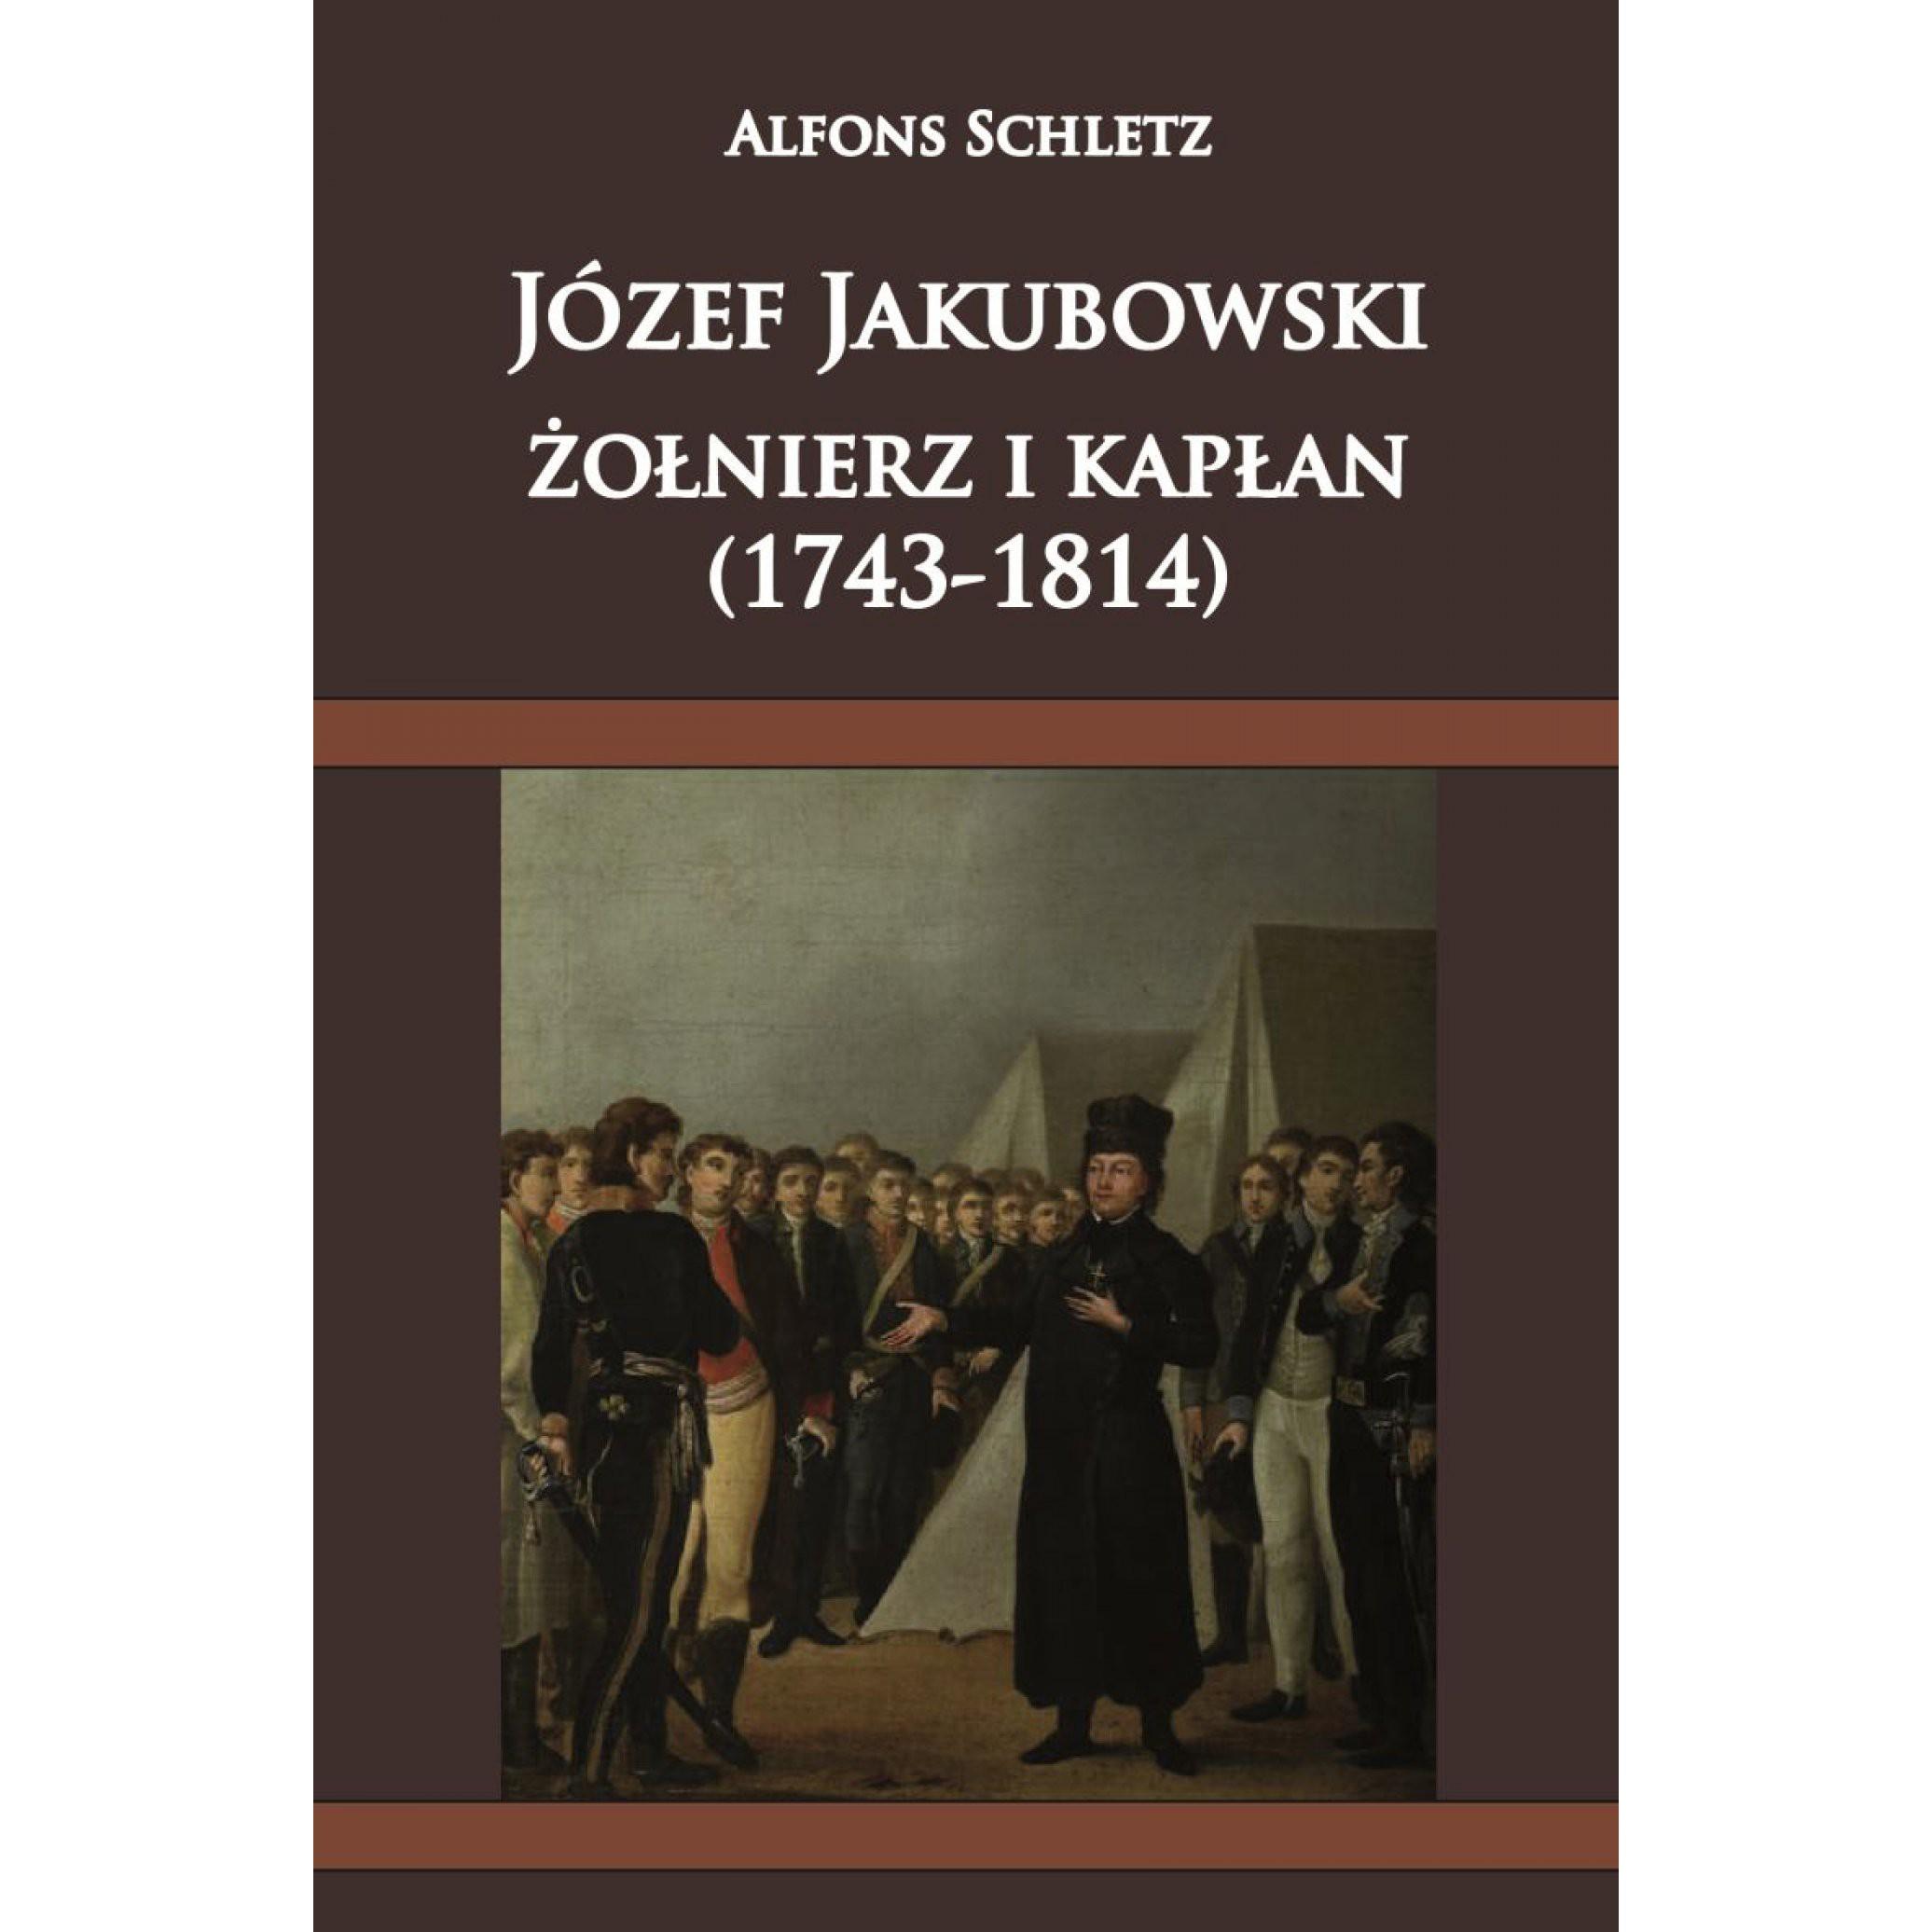 Józef Jakubowski, żołnierz i kapłan (1743-1814) - Outlet